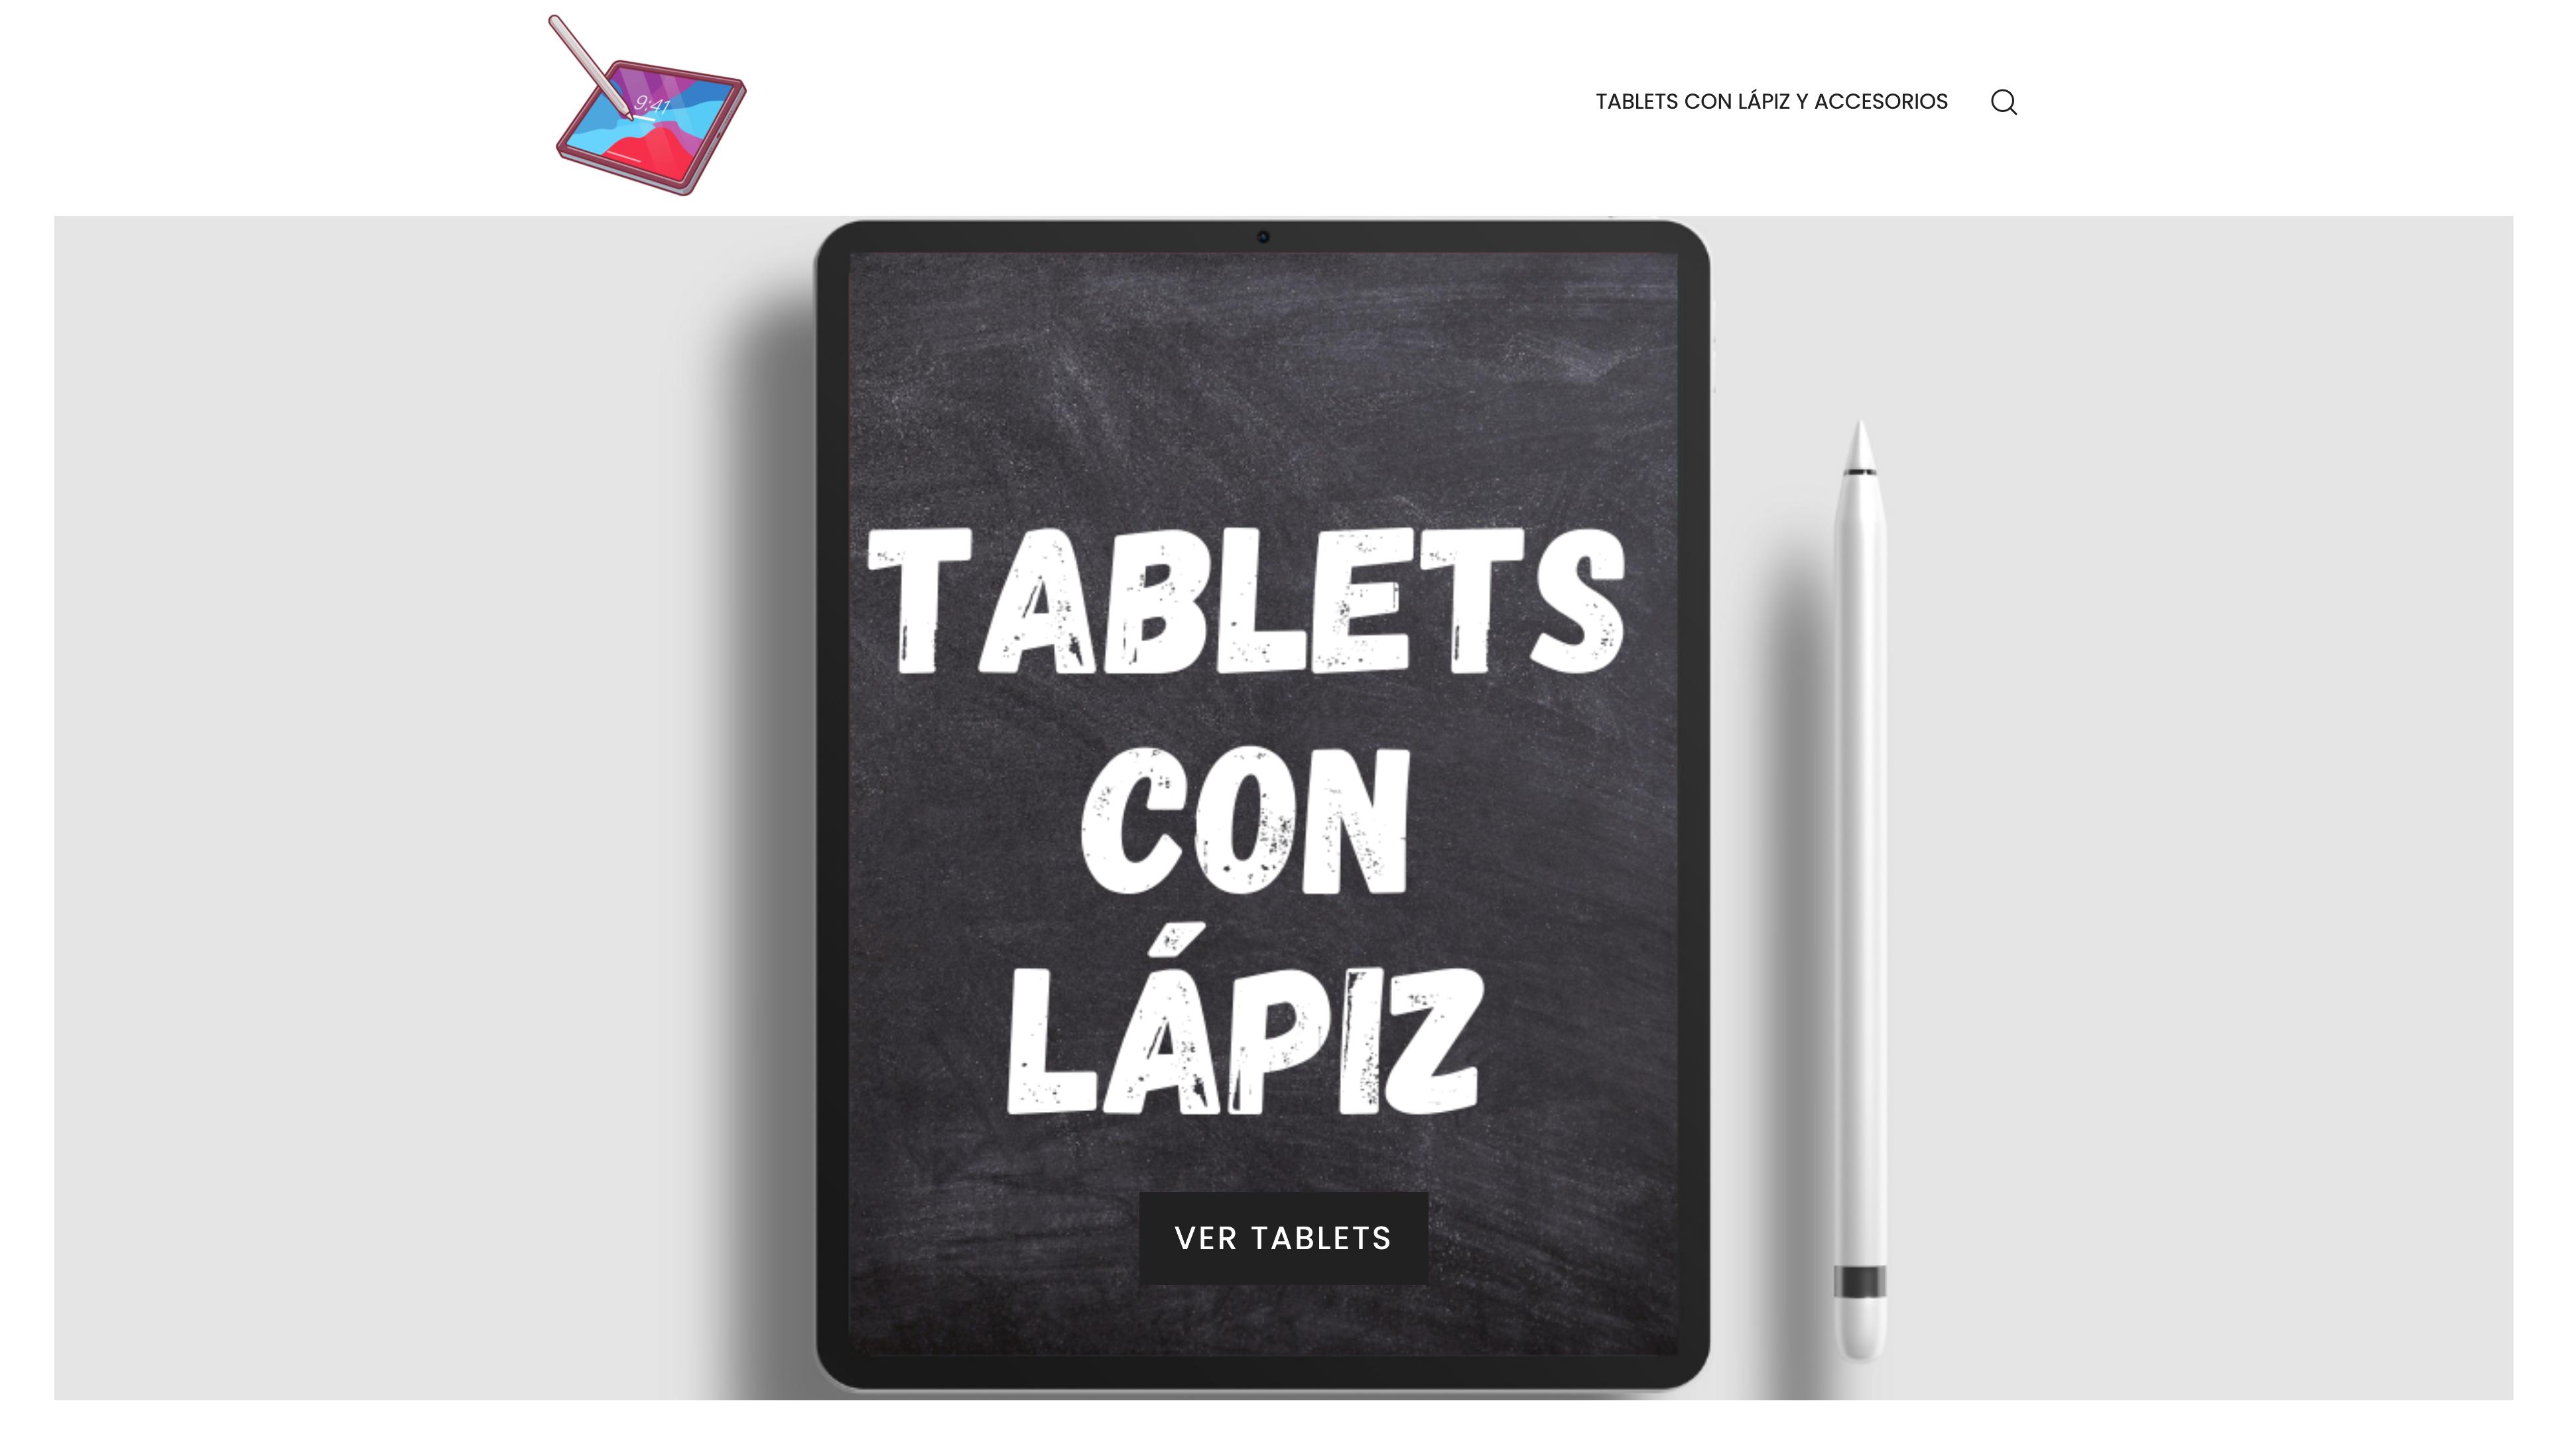 Tablets Con Lápiz